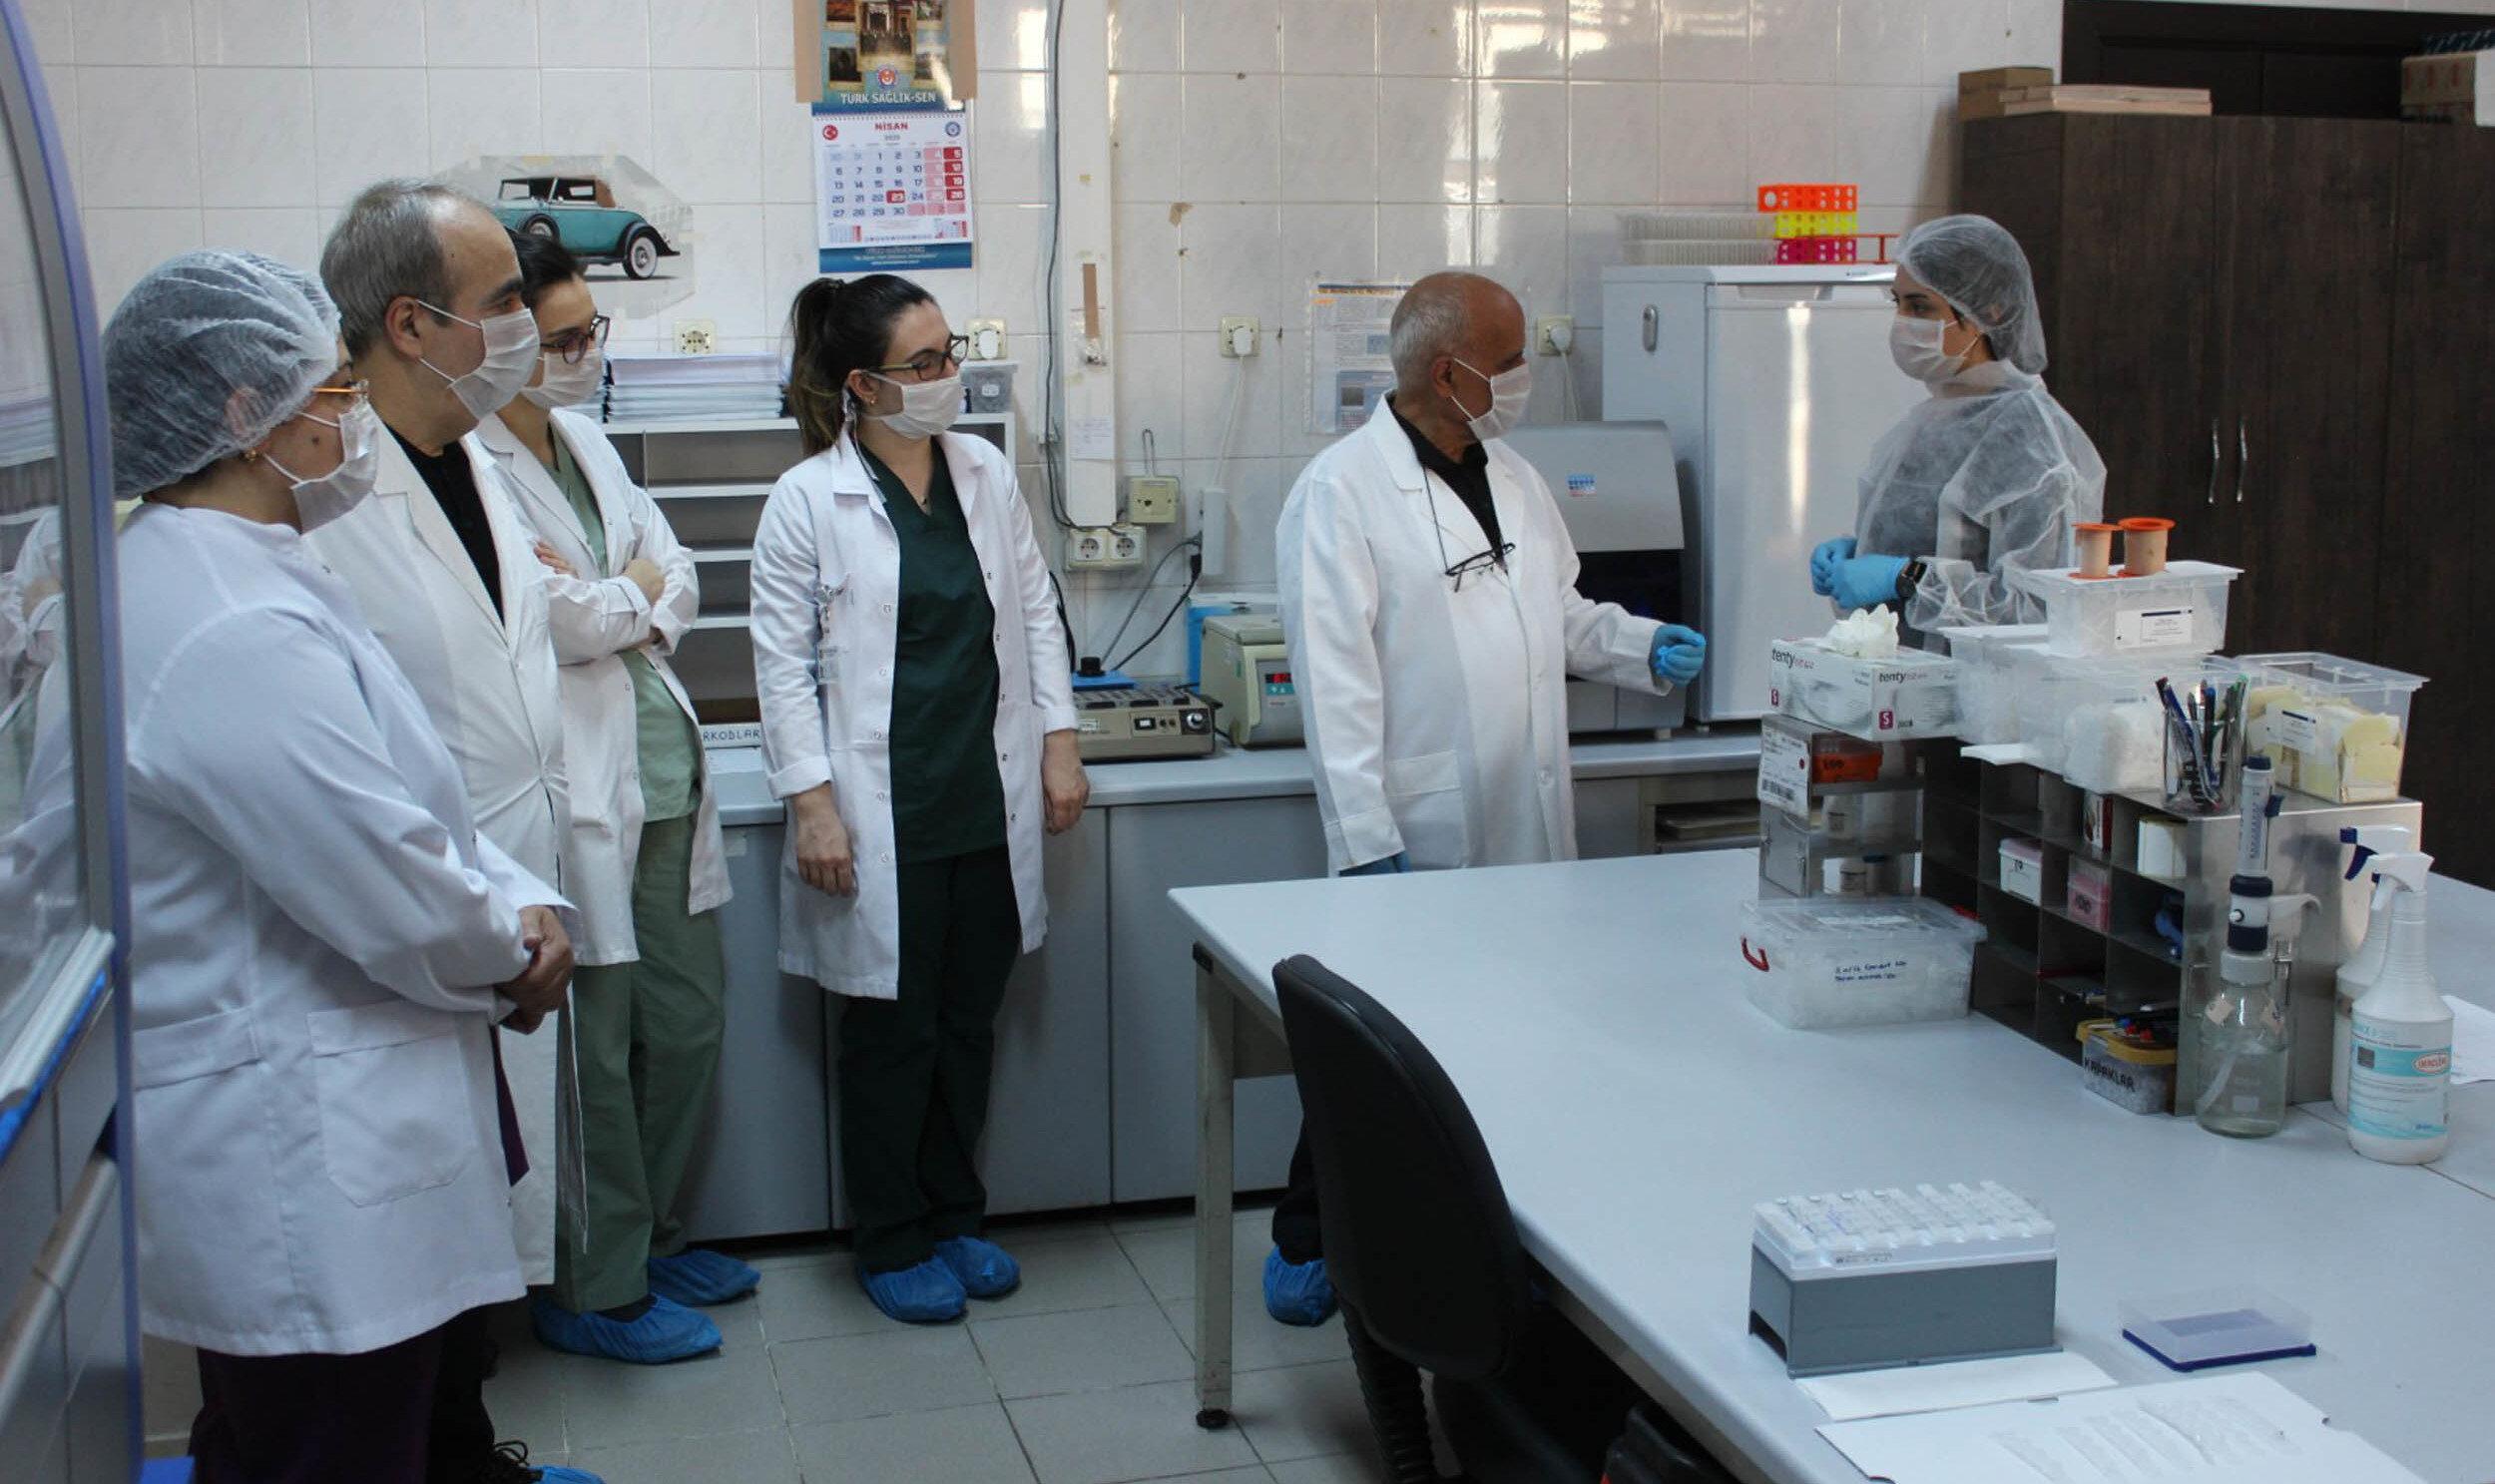 Prof. Dr. Çelebi, yapılan çalışmalarda, 3 farklı proteinin kodlanmasıyla aşının önemli ayağı olan recombinant antigen elde edildiğini söyledi.